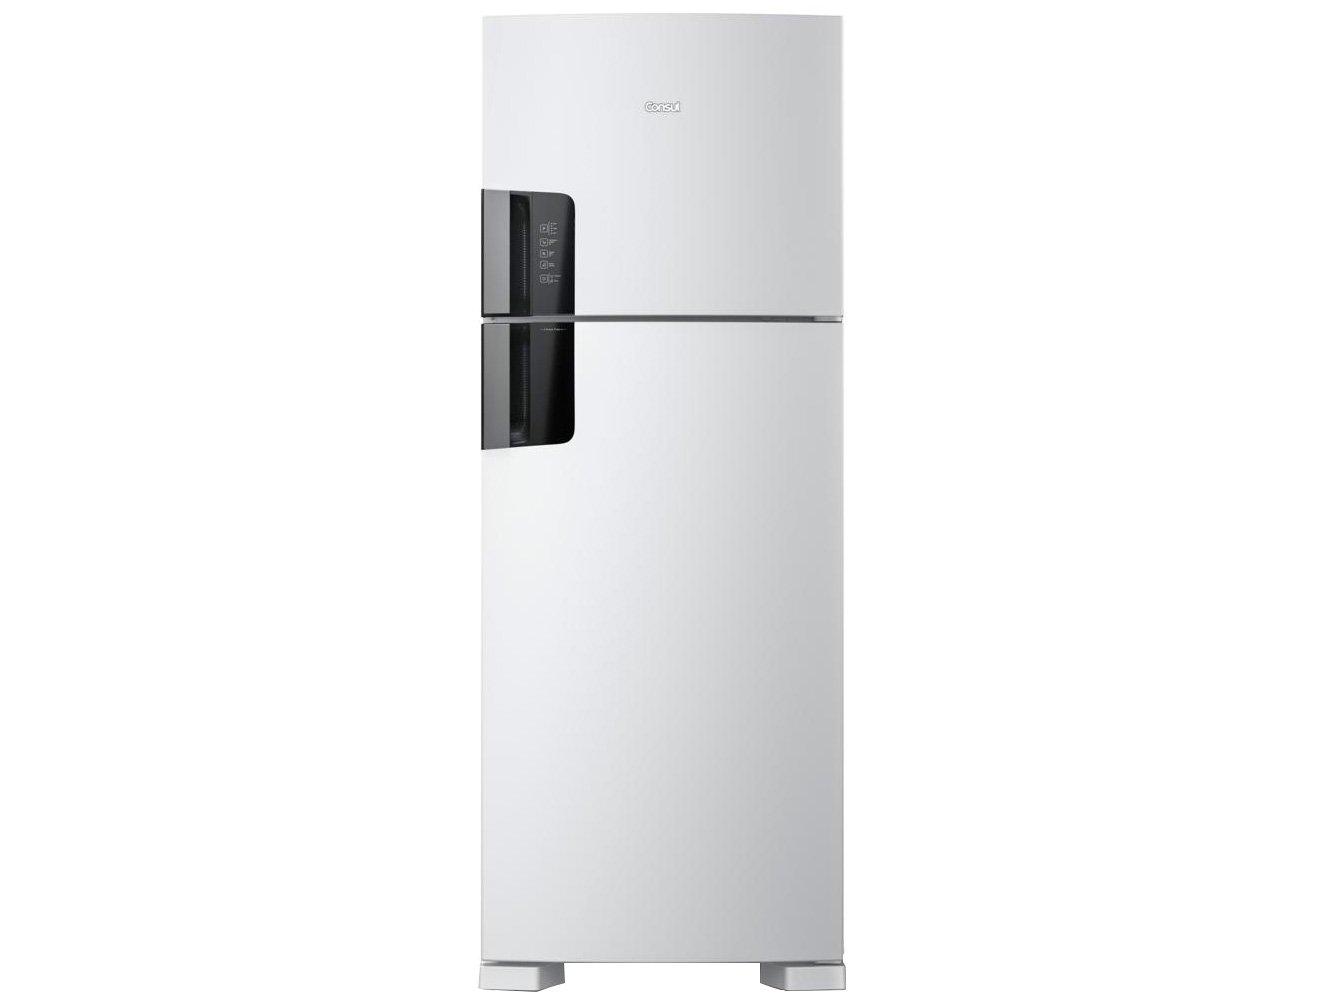 Geladeira/Refrigerador Consul Frost Free - Duplex Branco 450L CRM56HB - 110 V